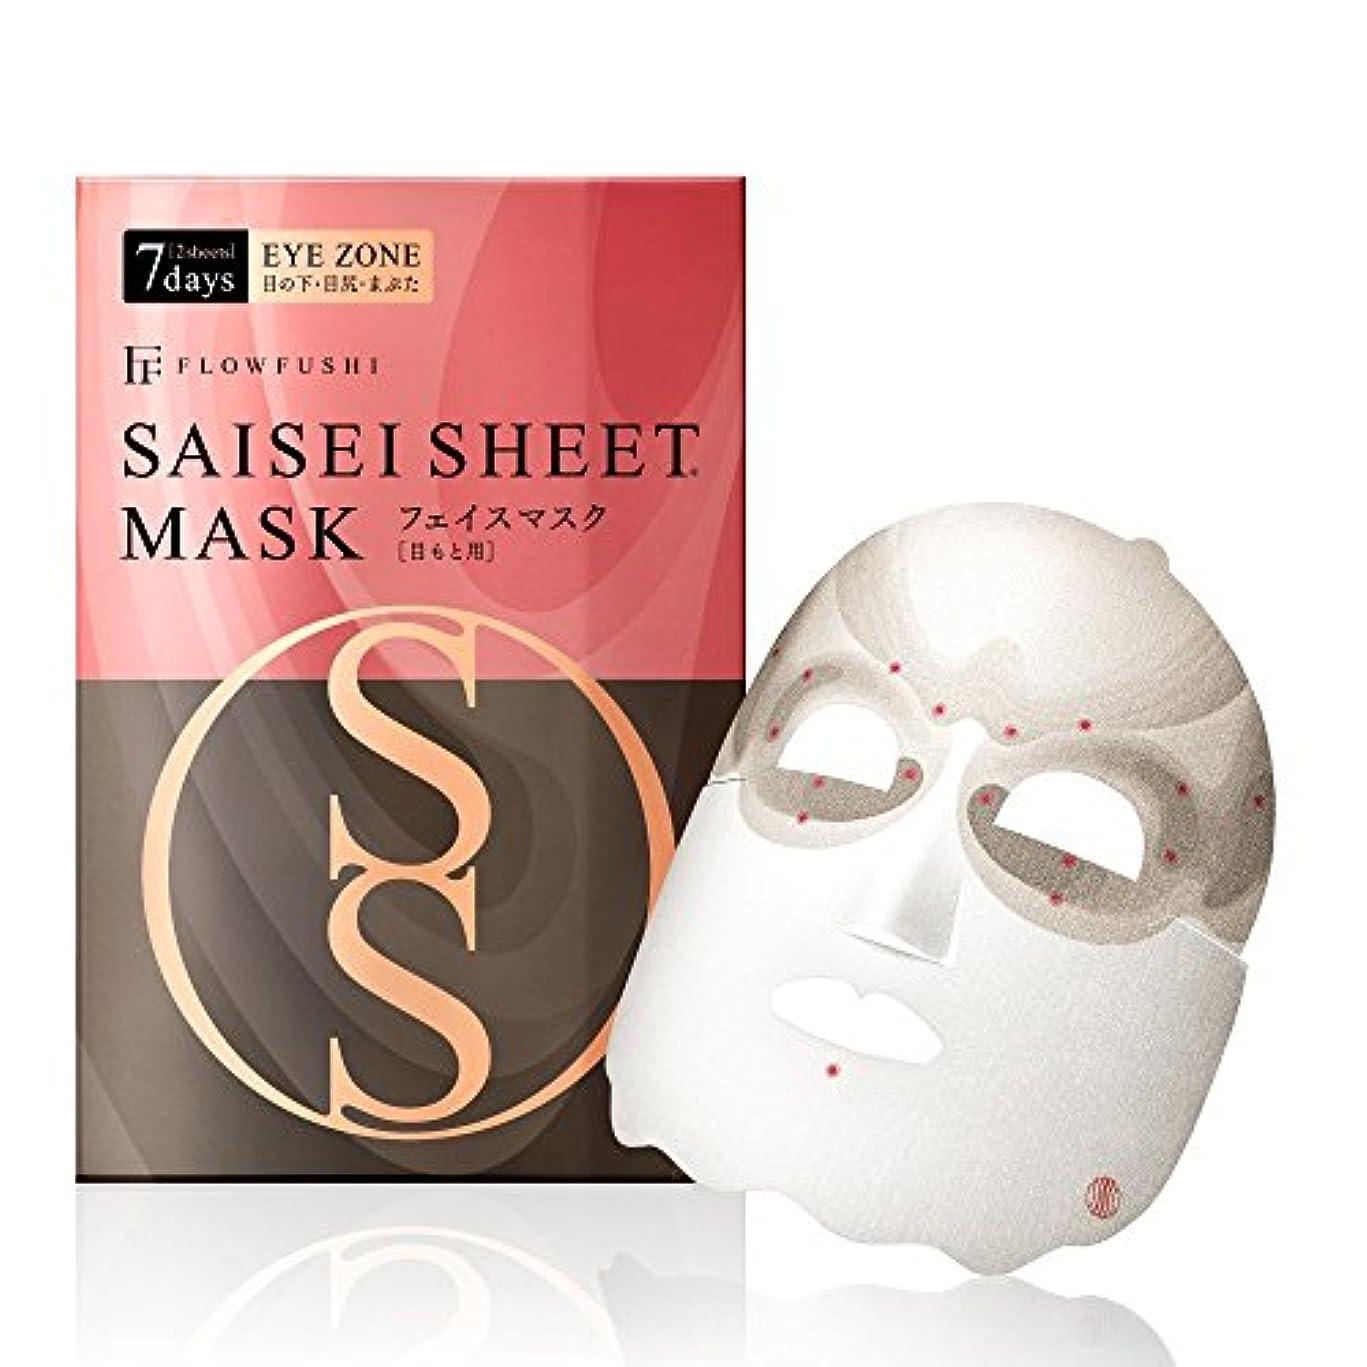 リッチメディカル凝視SAISEIシート マスク [目もと用] 7days 2sheets